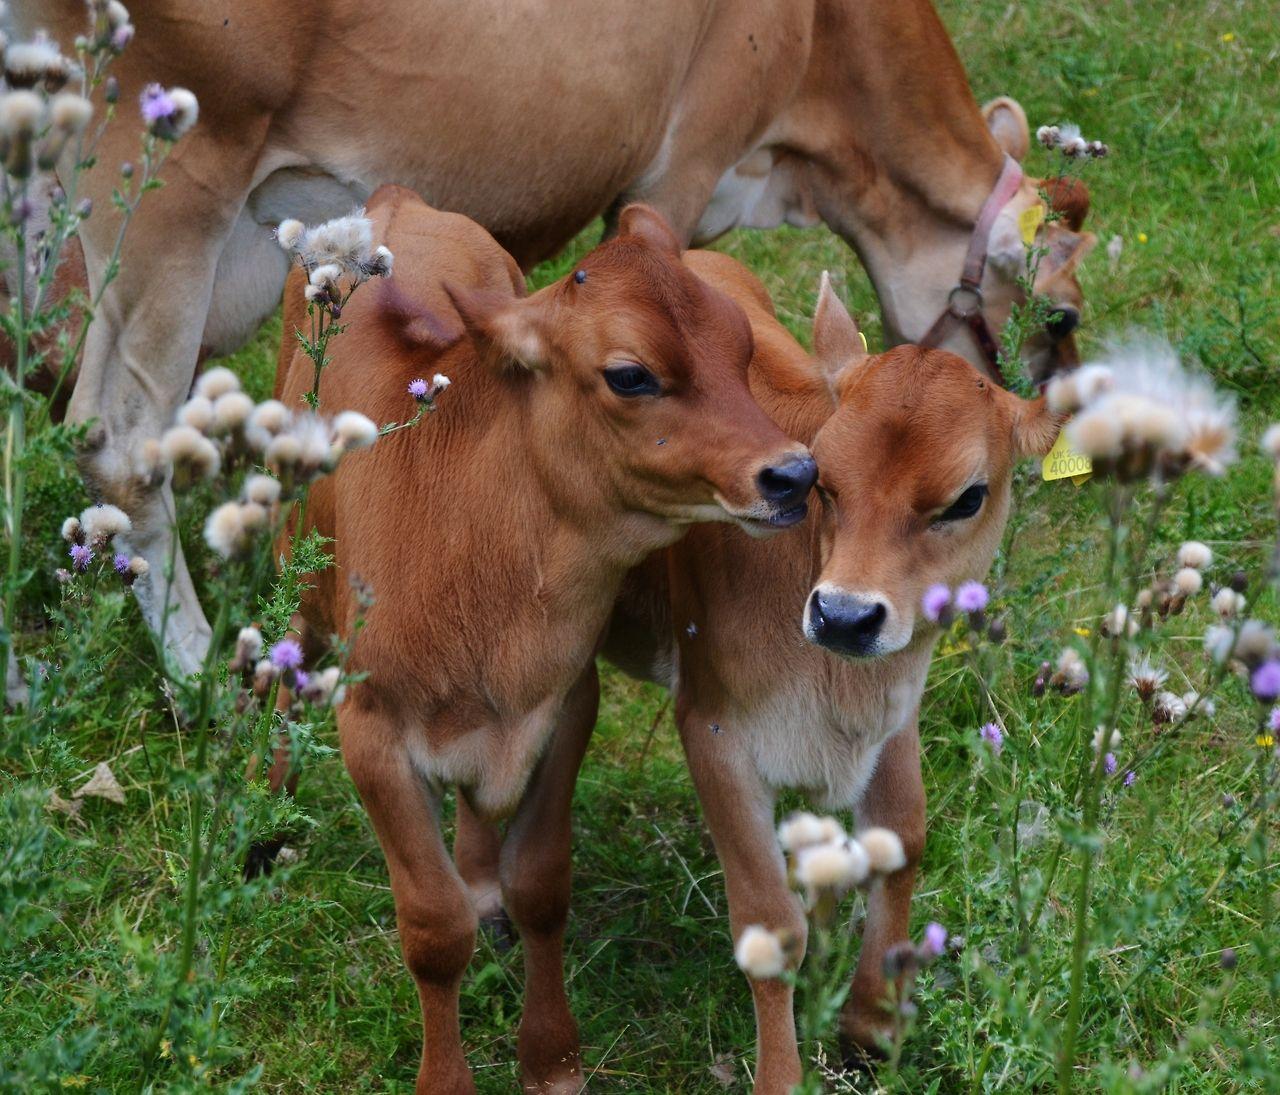 animals cows farm calves farming livestock calf cattle